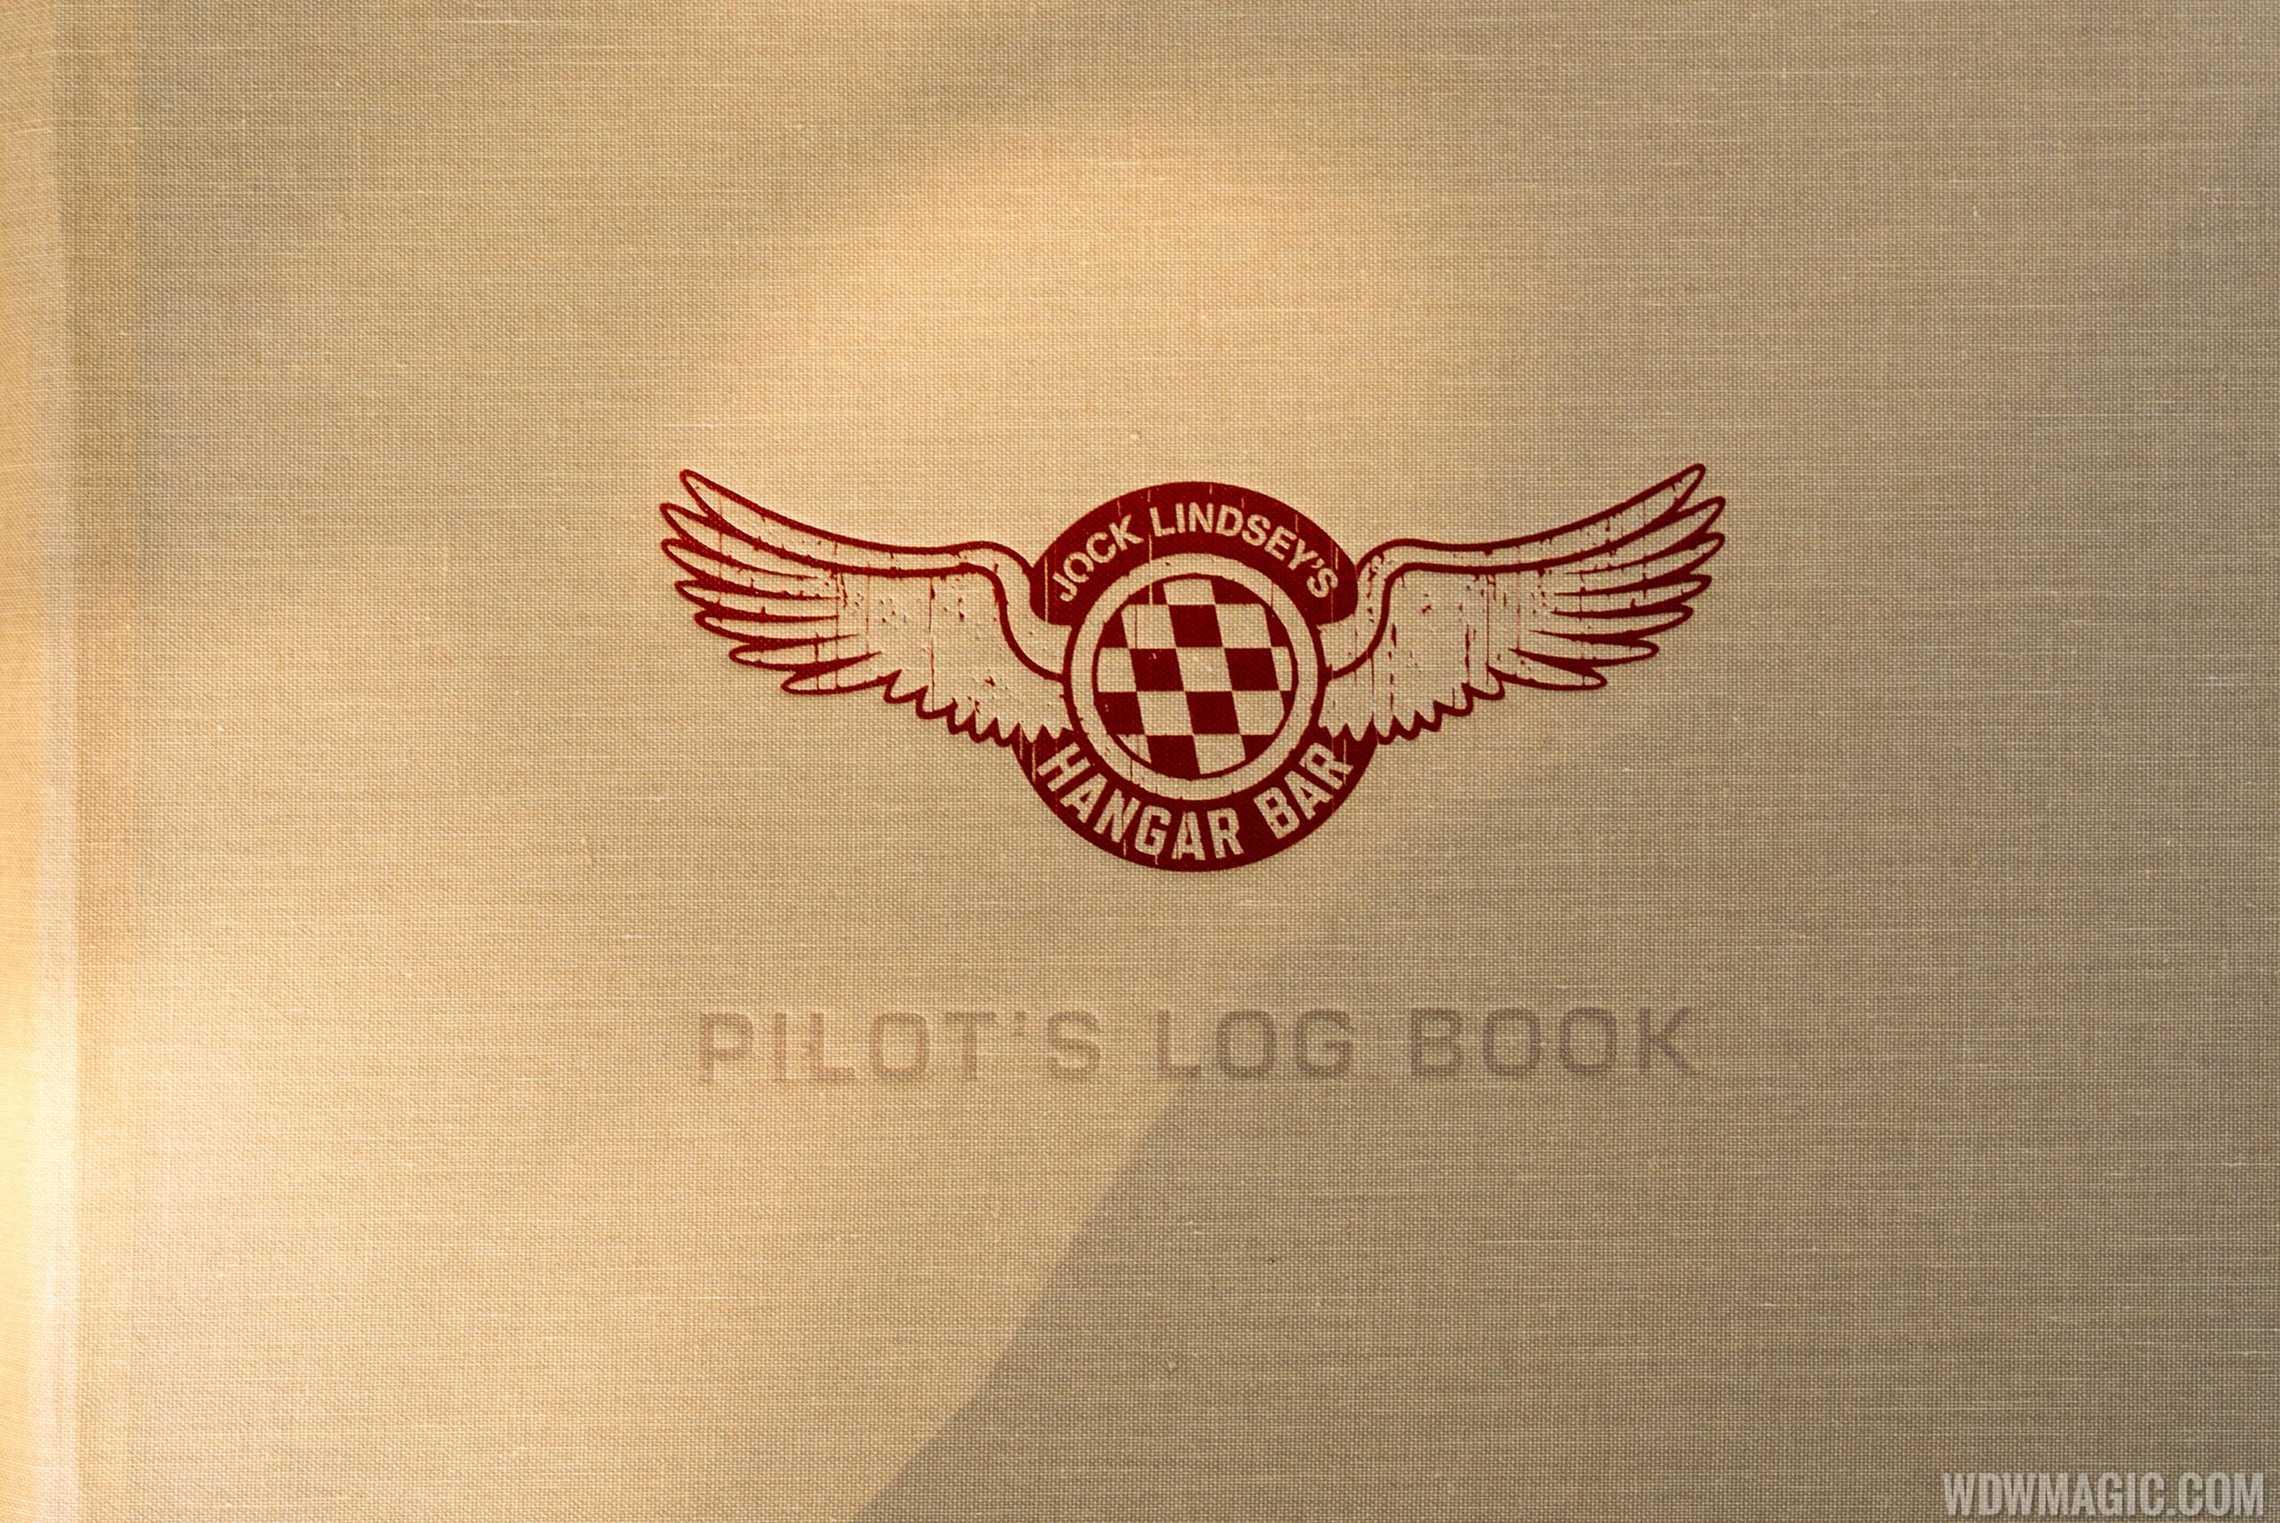 Jock Lindsey's Pilot's Log book - Full Menu